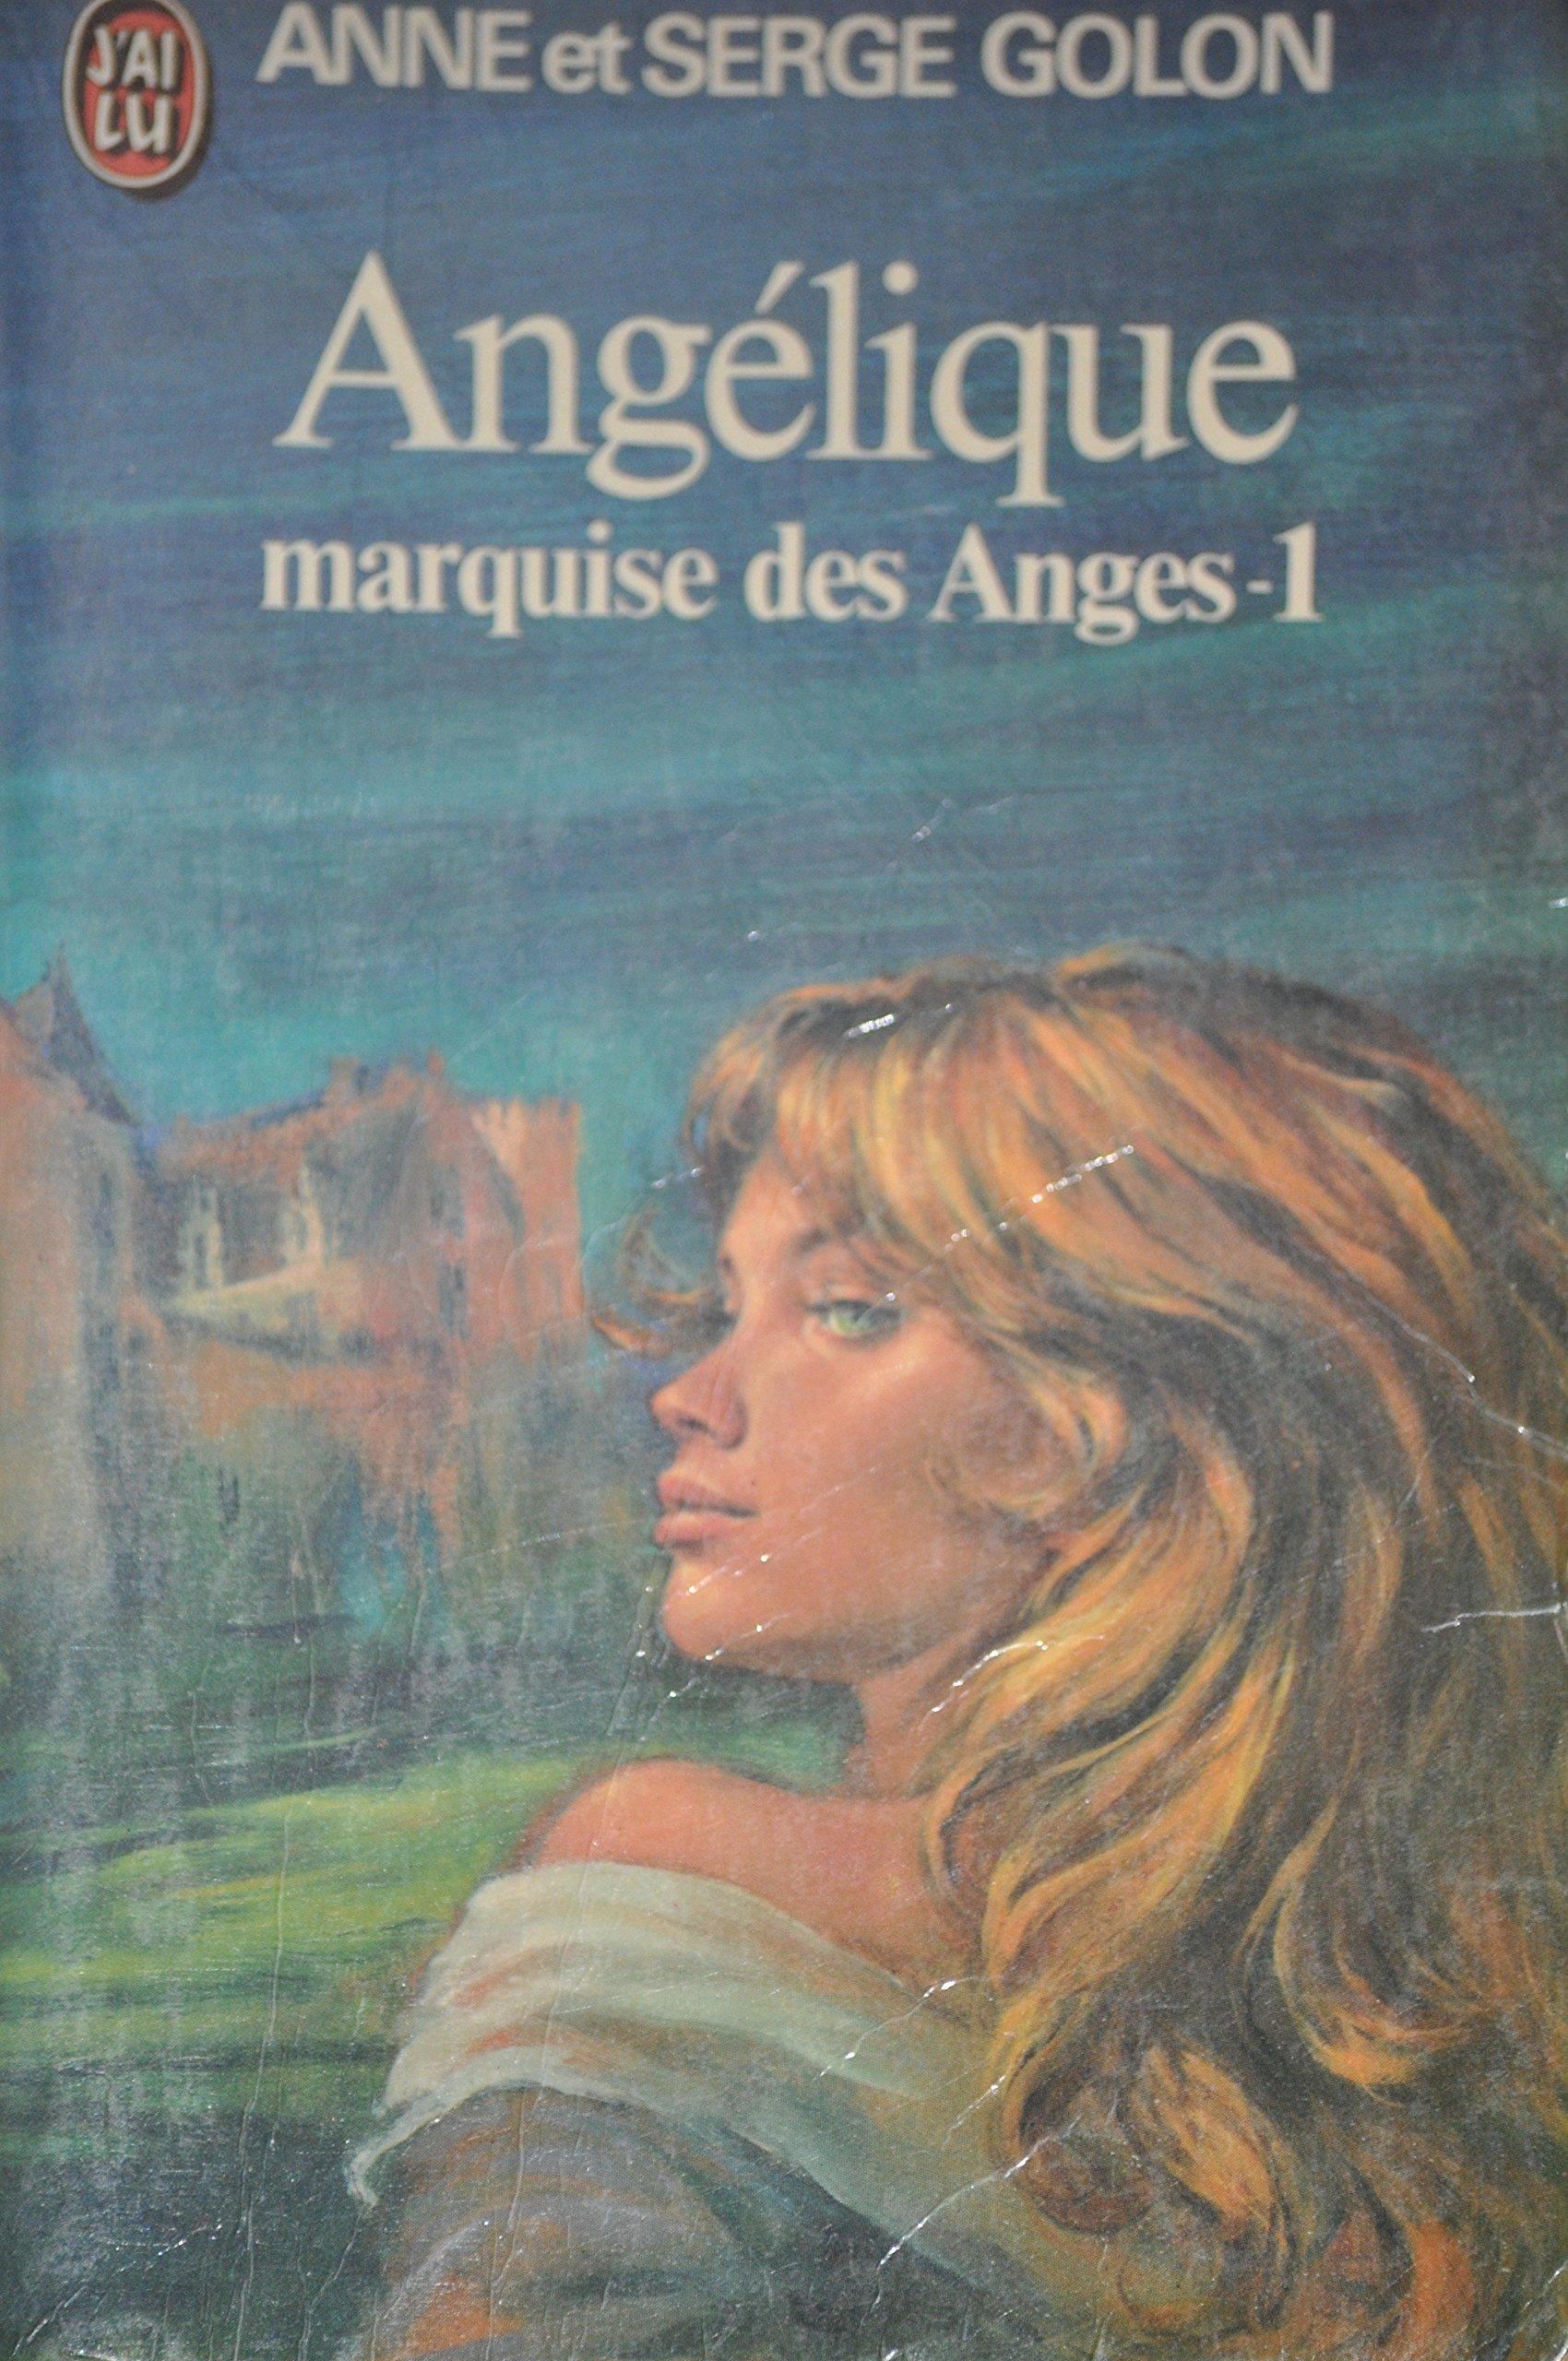 GRATUIT TÉLÉCHARGER ANGES GRATUITEMENT ANGELIQUE DES MARQUISE